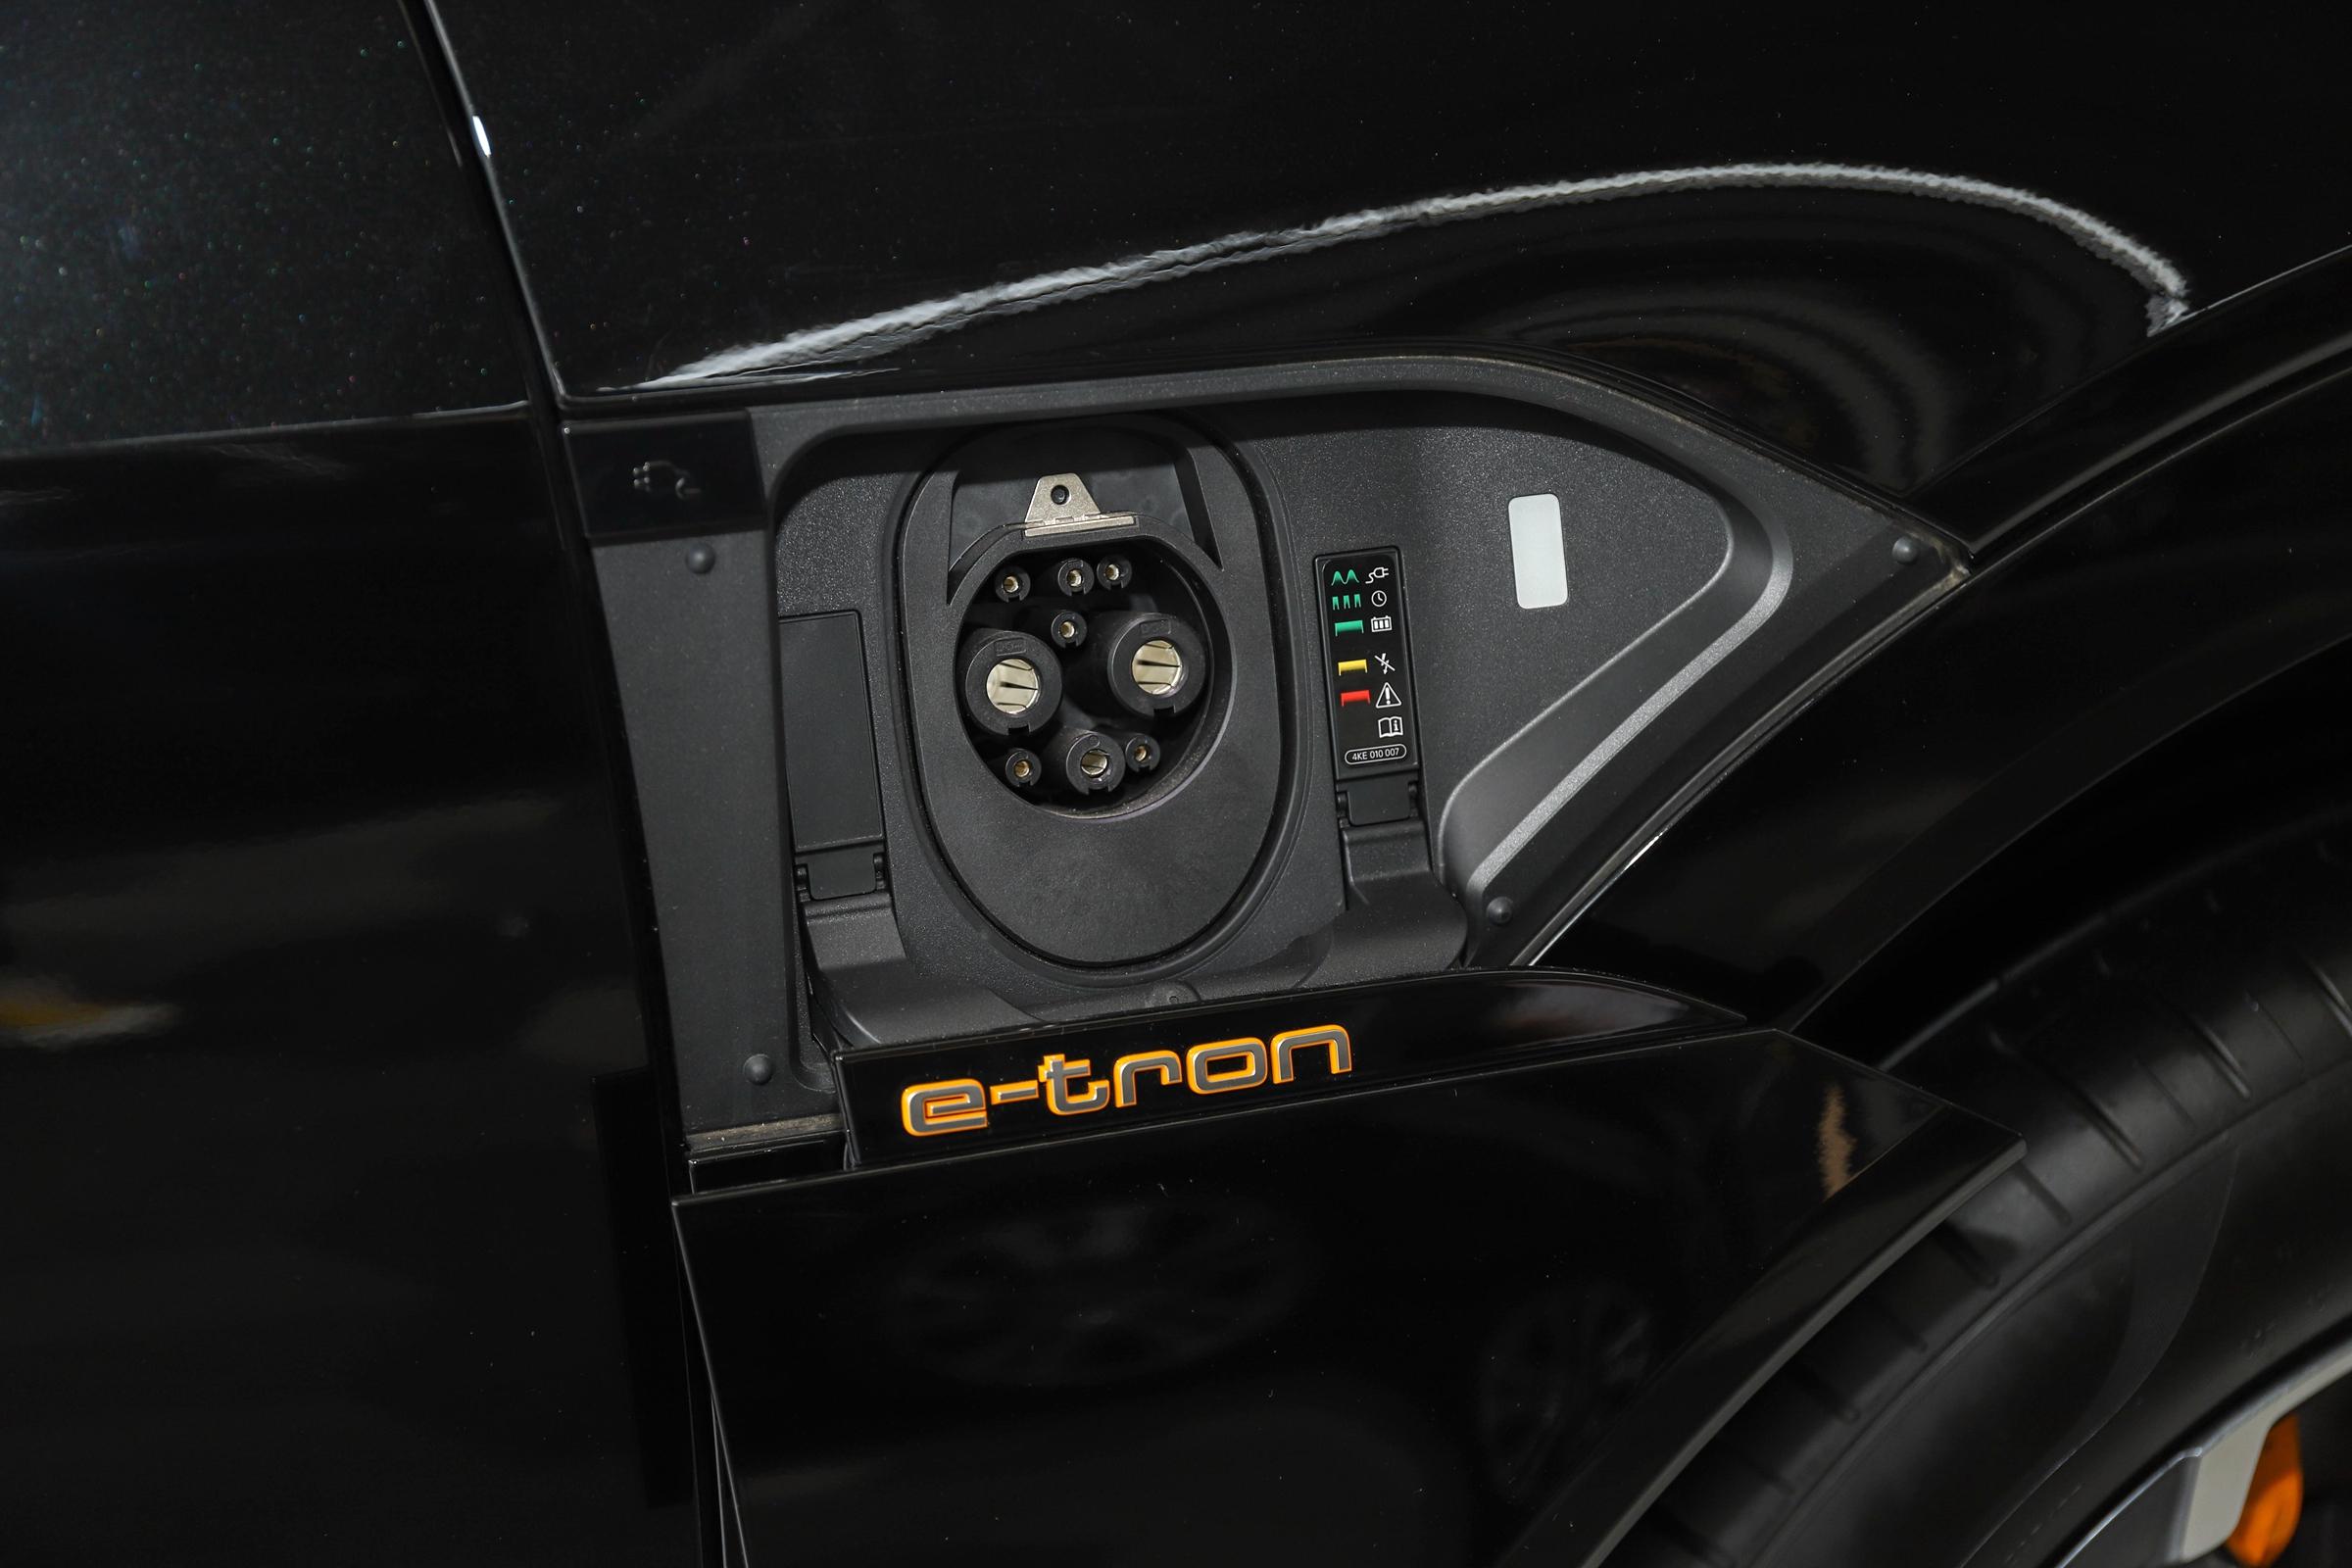 比进口版便宜10万多 续航提升到500km 实拍一汽-大众奥迪e-tron